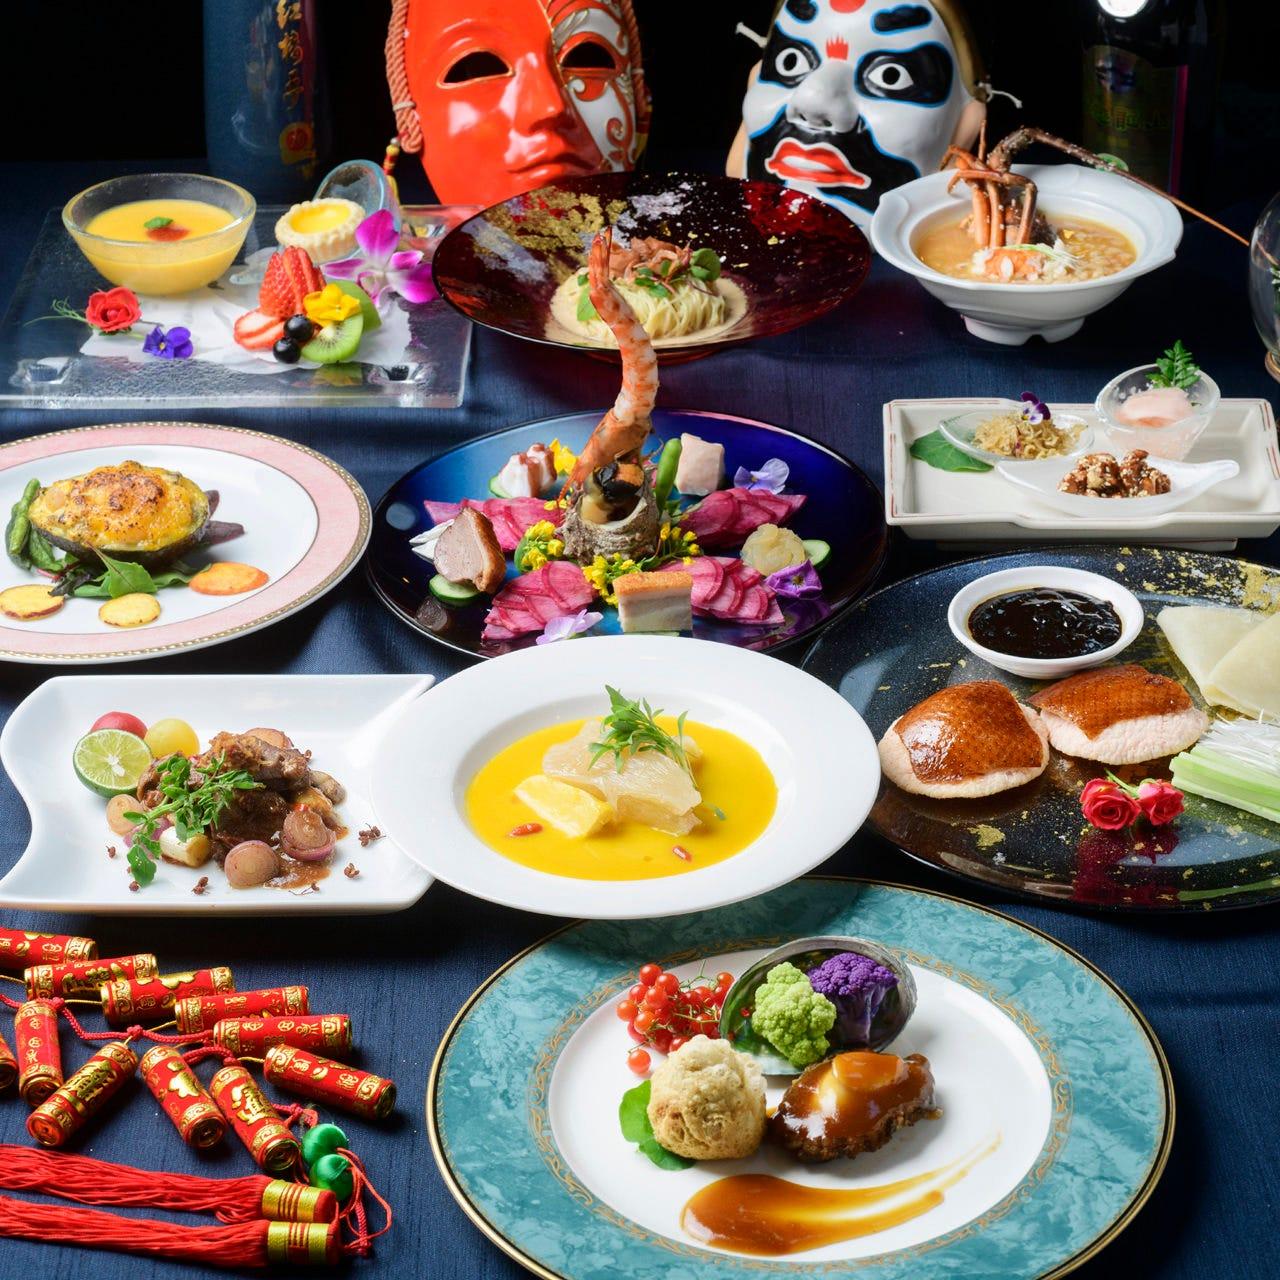 物語を描く!ここにしかない中国料理